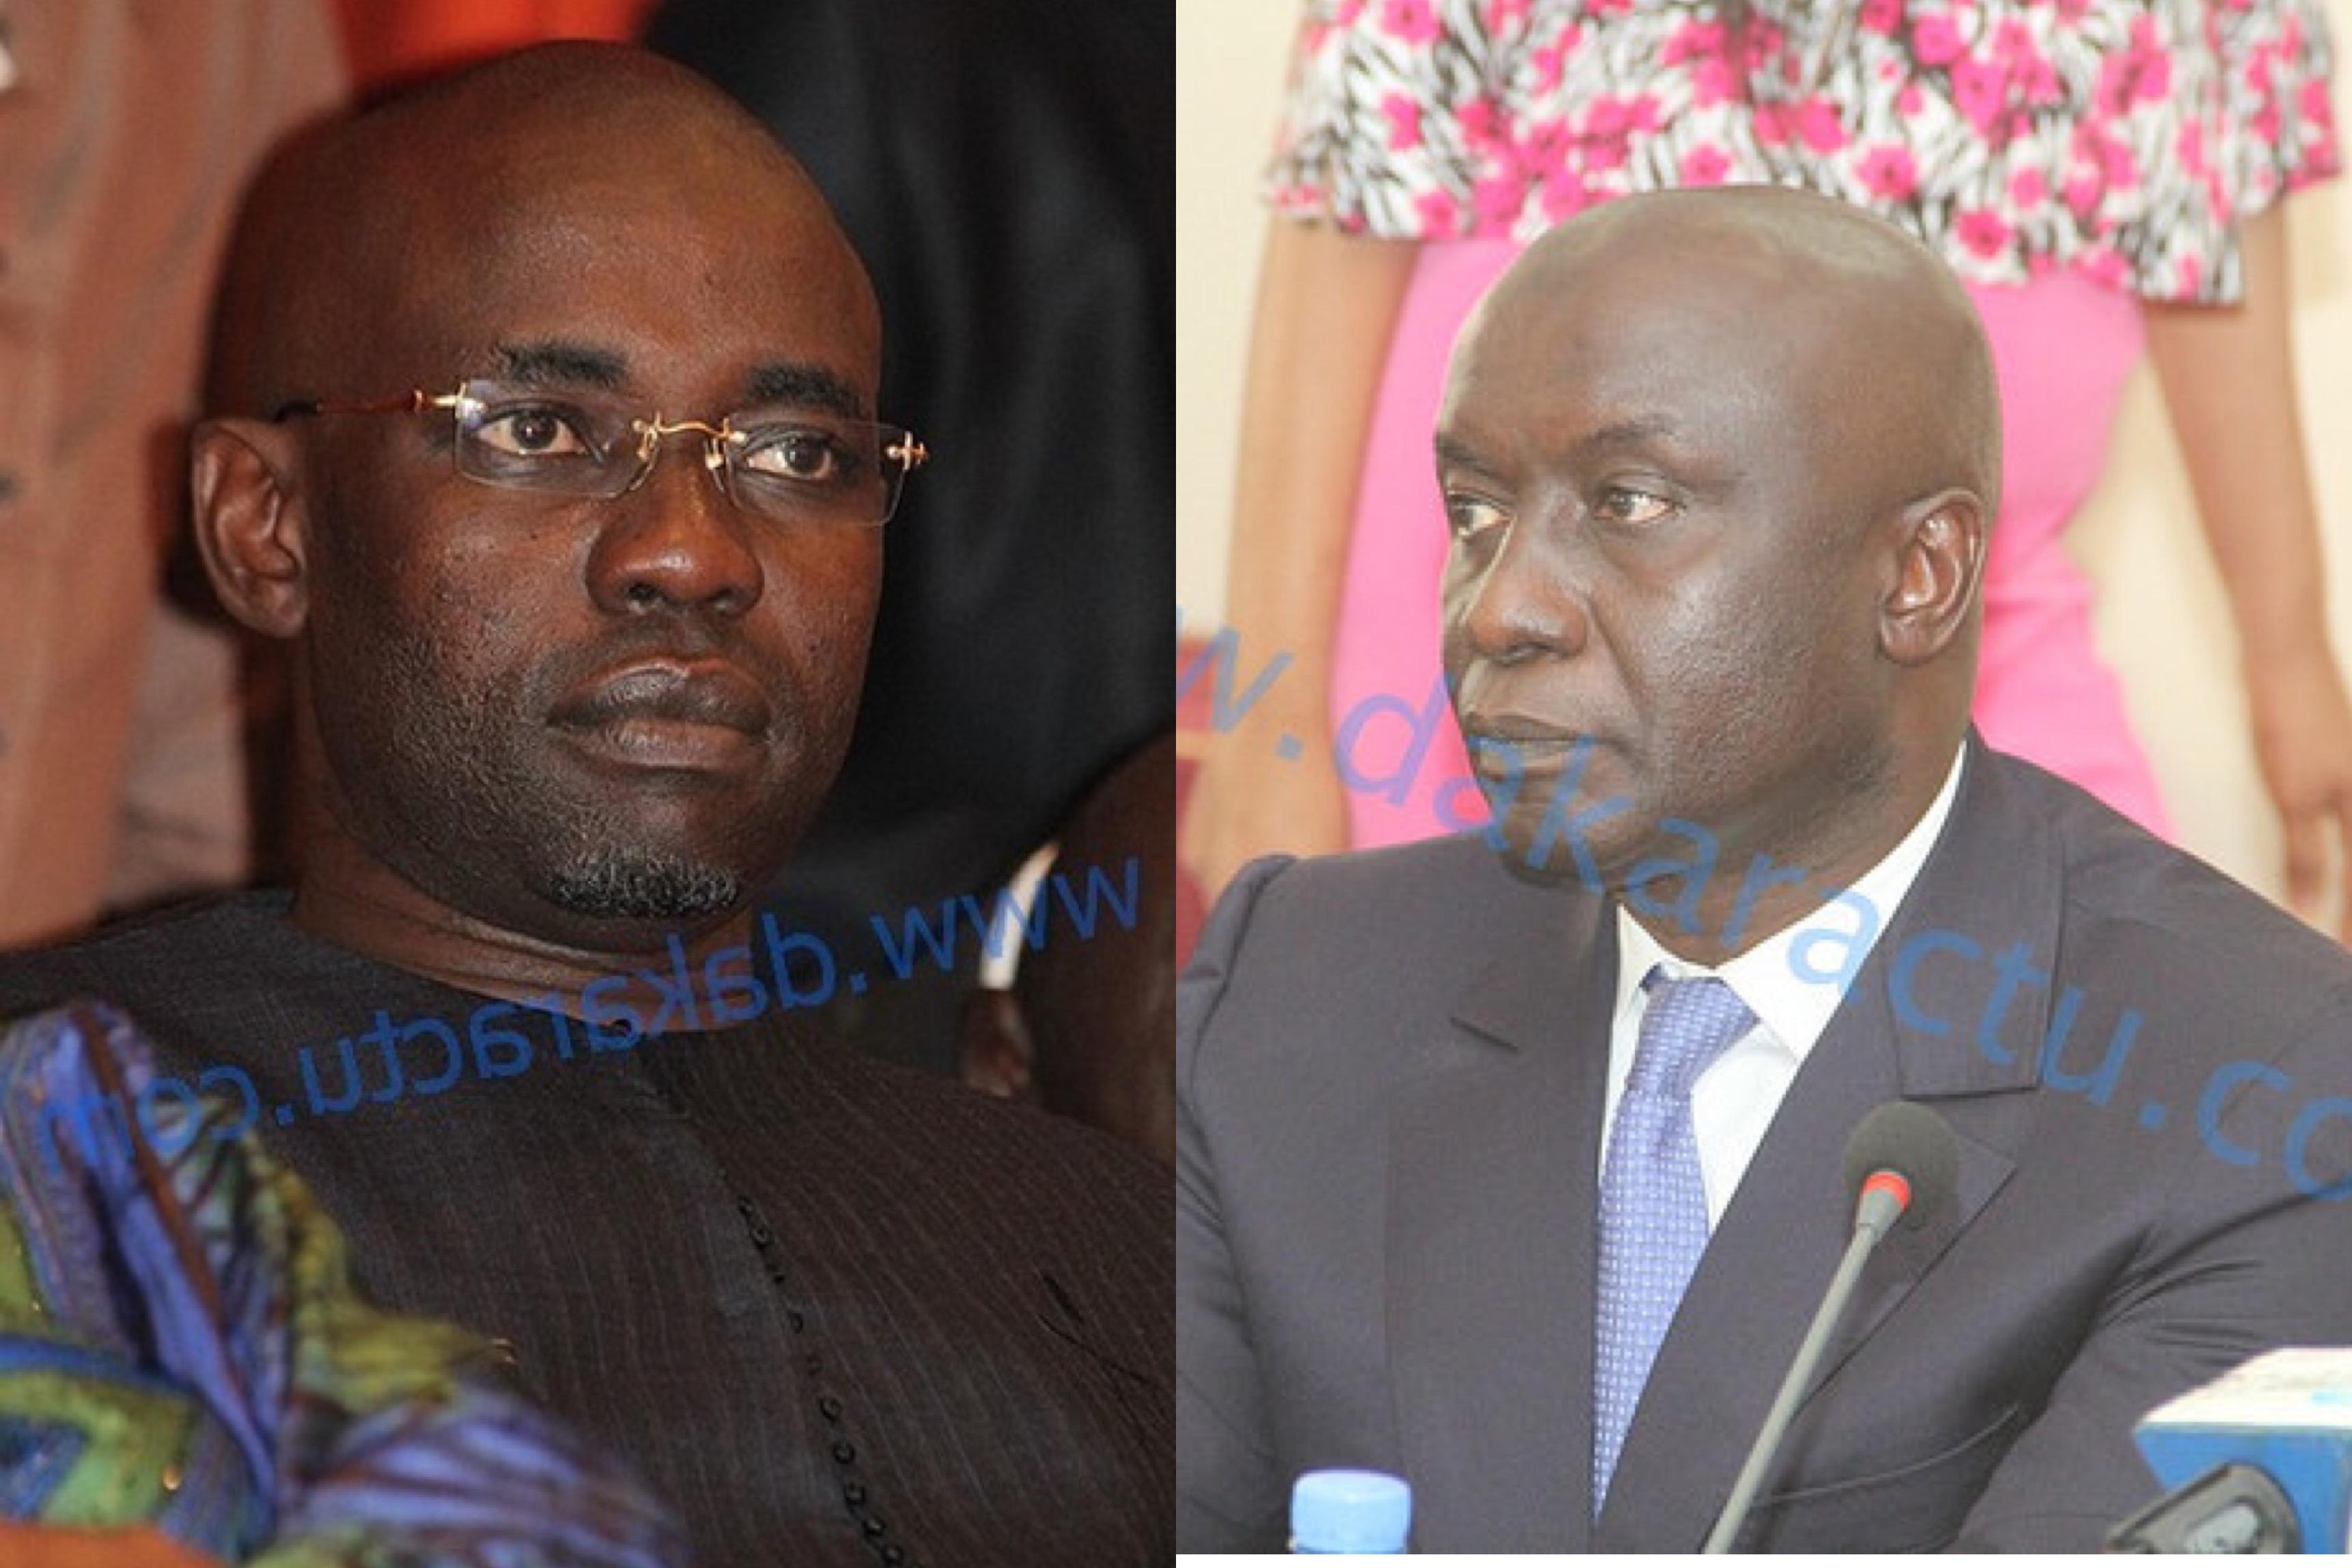 Samuel Sarr s'en prend violemment à Idrissa Seck : « Nous étions là quand il faisait ses conneries (...) Idrissa Seck a volé 74 milliards F CFA. C'est un dealer et un menteur... »